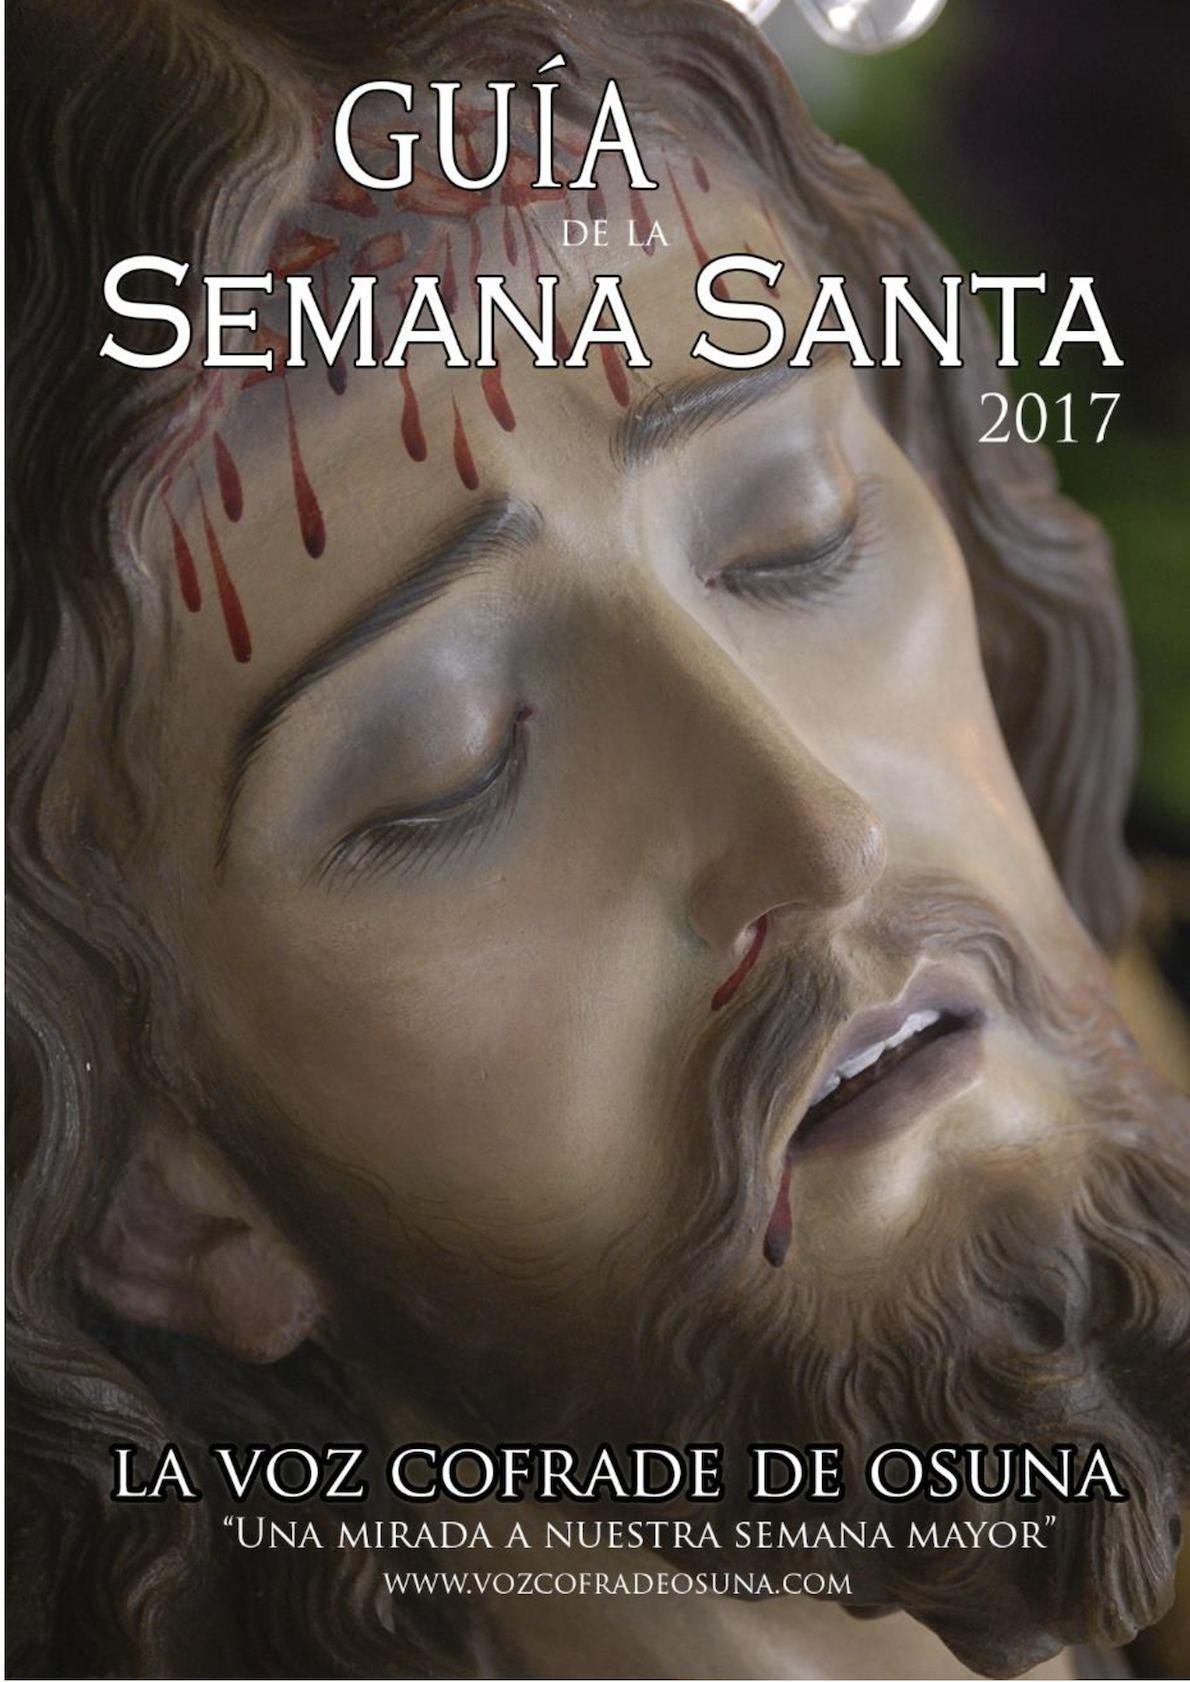 Guía Semana Santa Osuna 2017